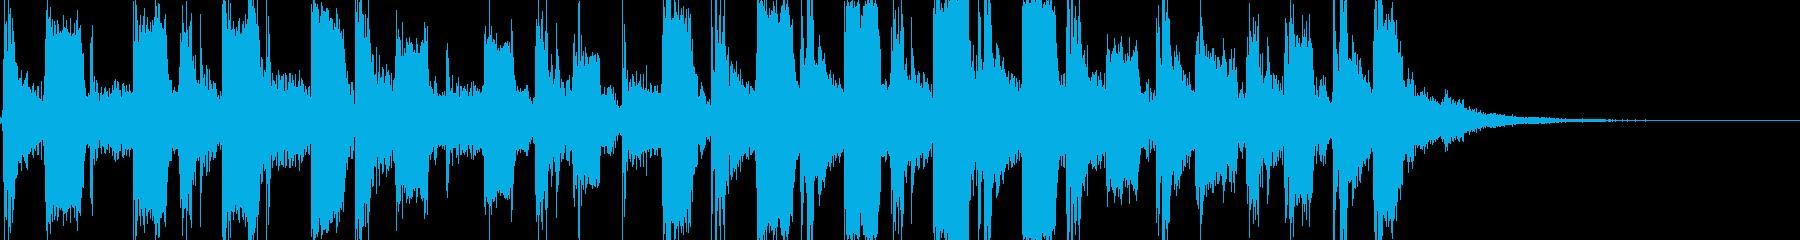 コミカル・ドタバタ・かわいい日常ジングルの再生済みの波形